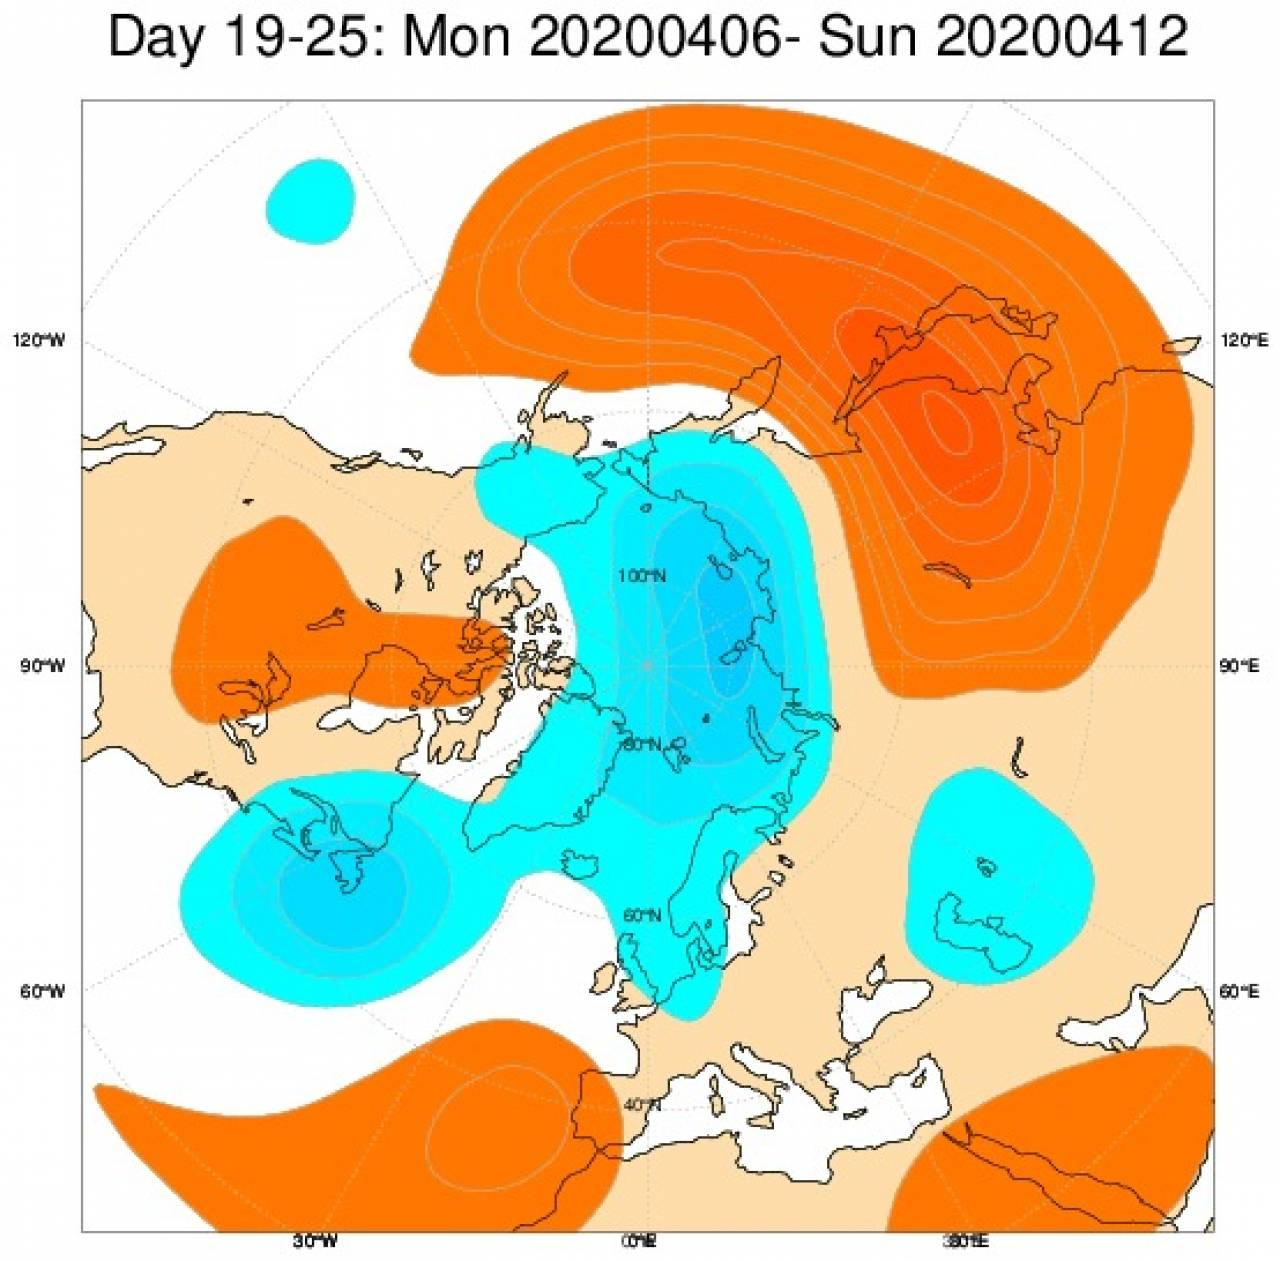 Anomalie di geopotenziale secondo il modello ECMWF per il periodo 6-12 aprile